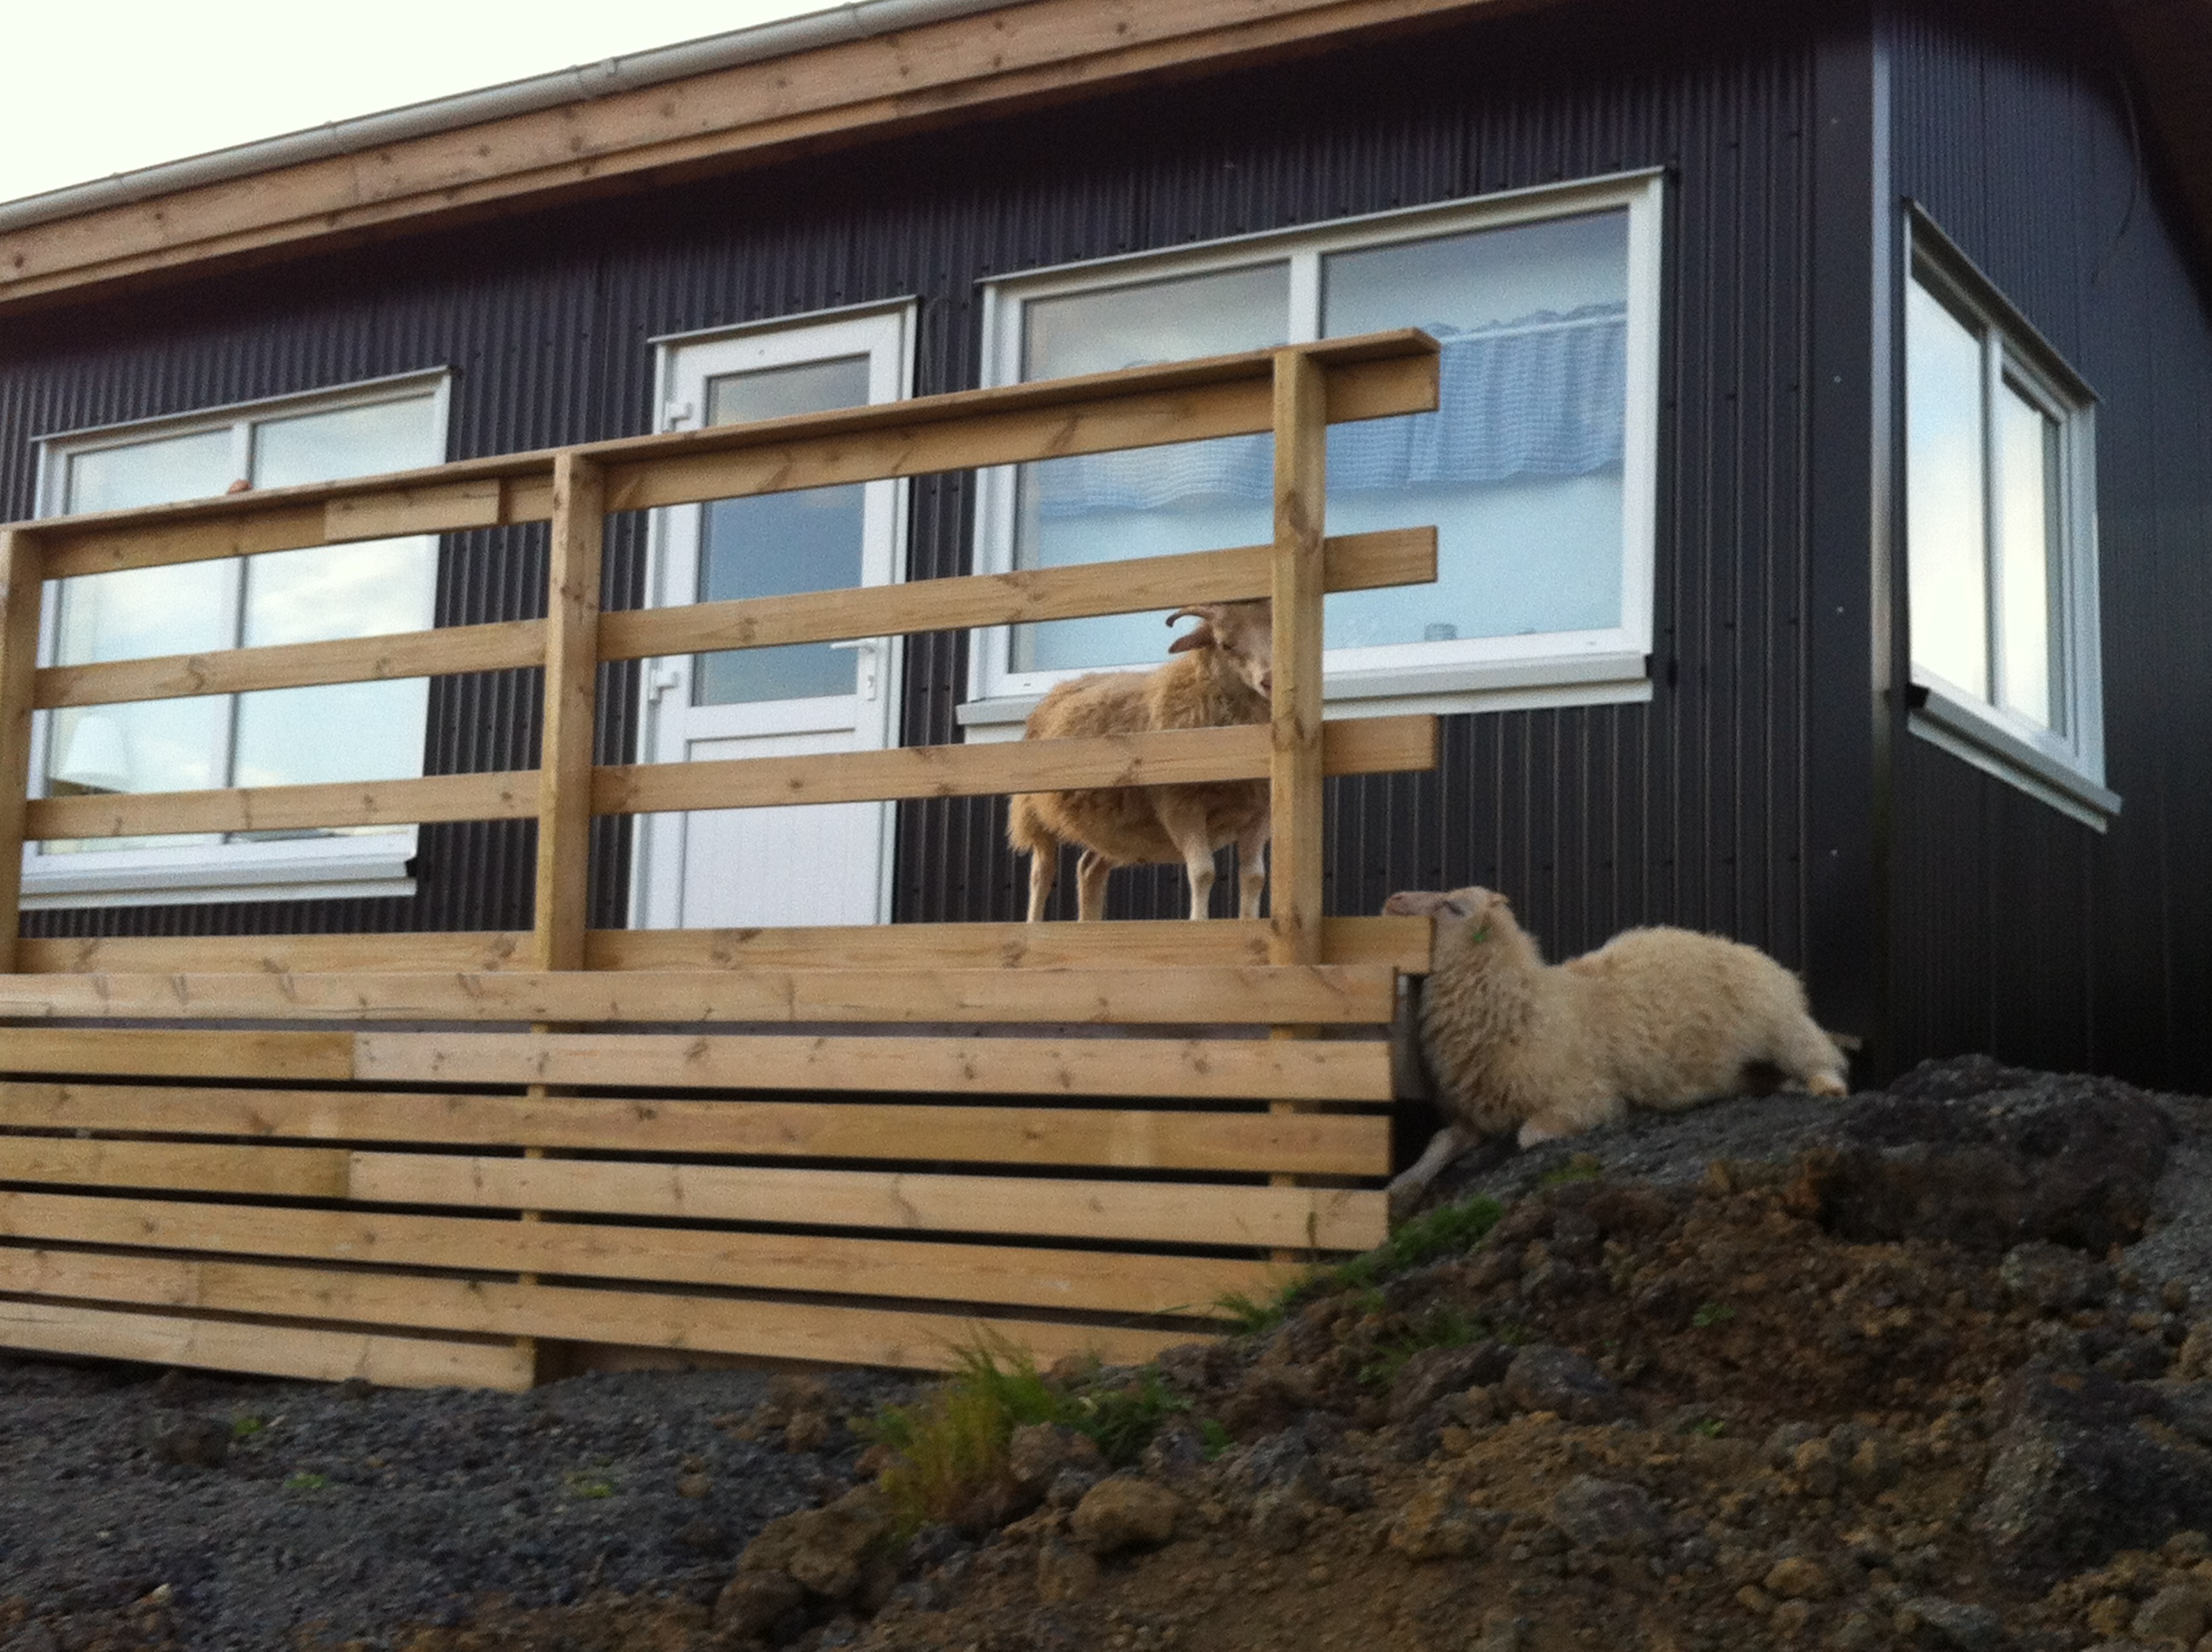 imagen 2 islandia llegada